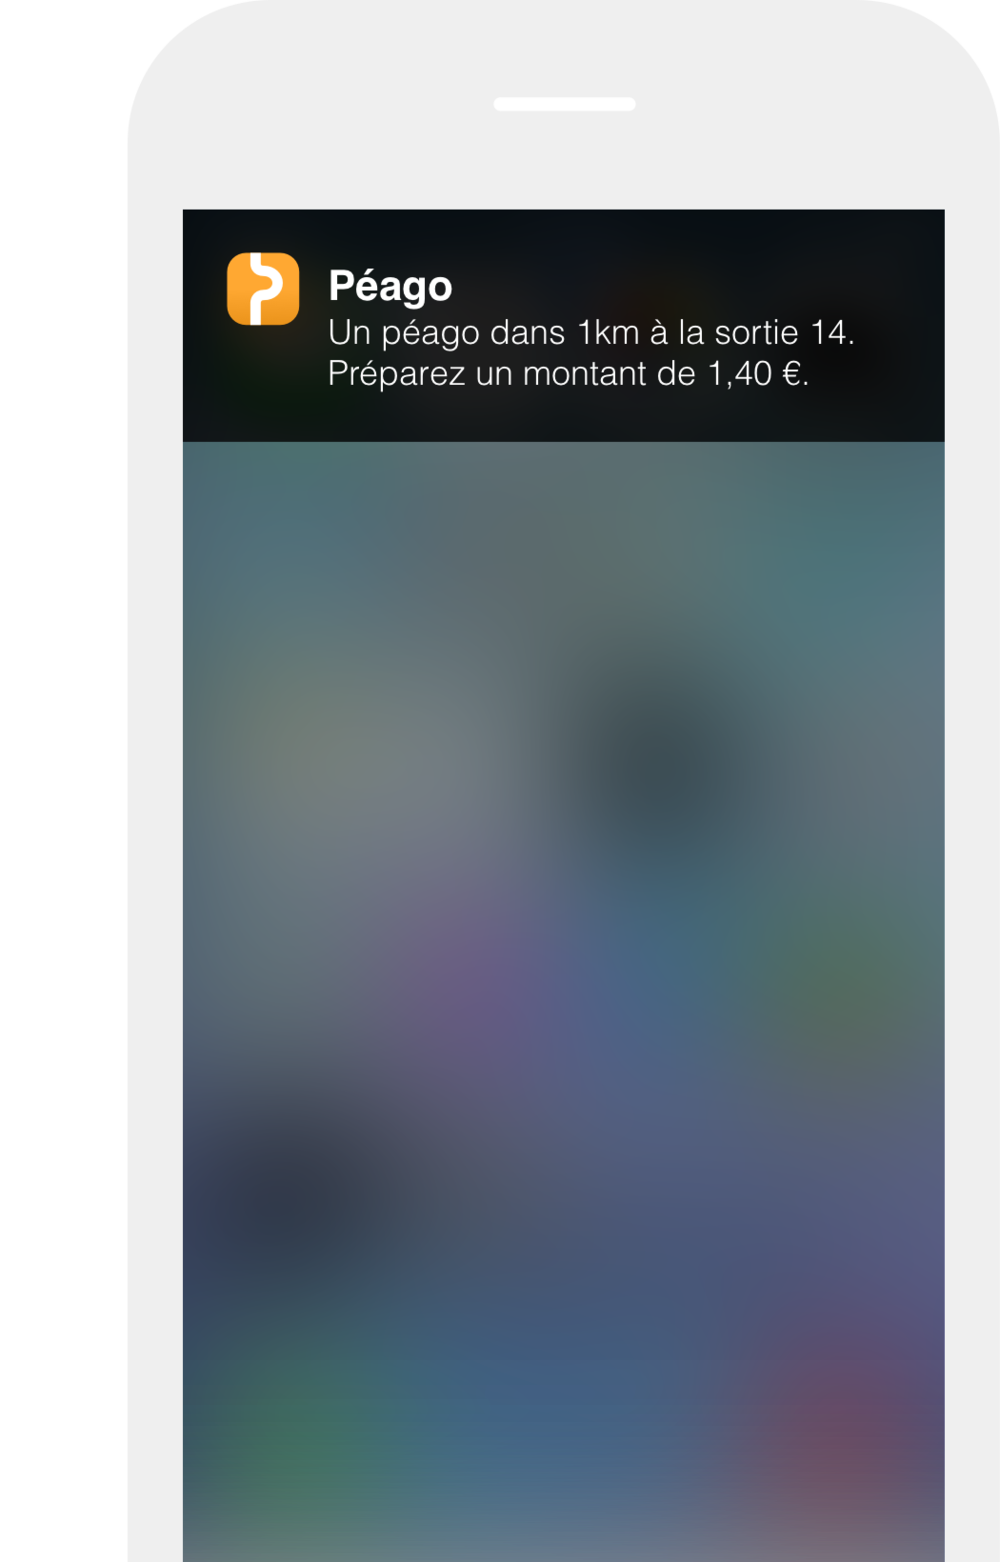 Péago_information